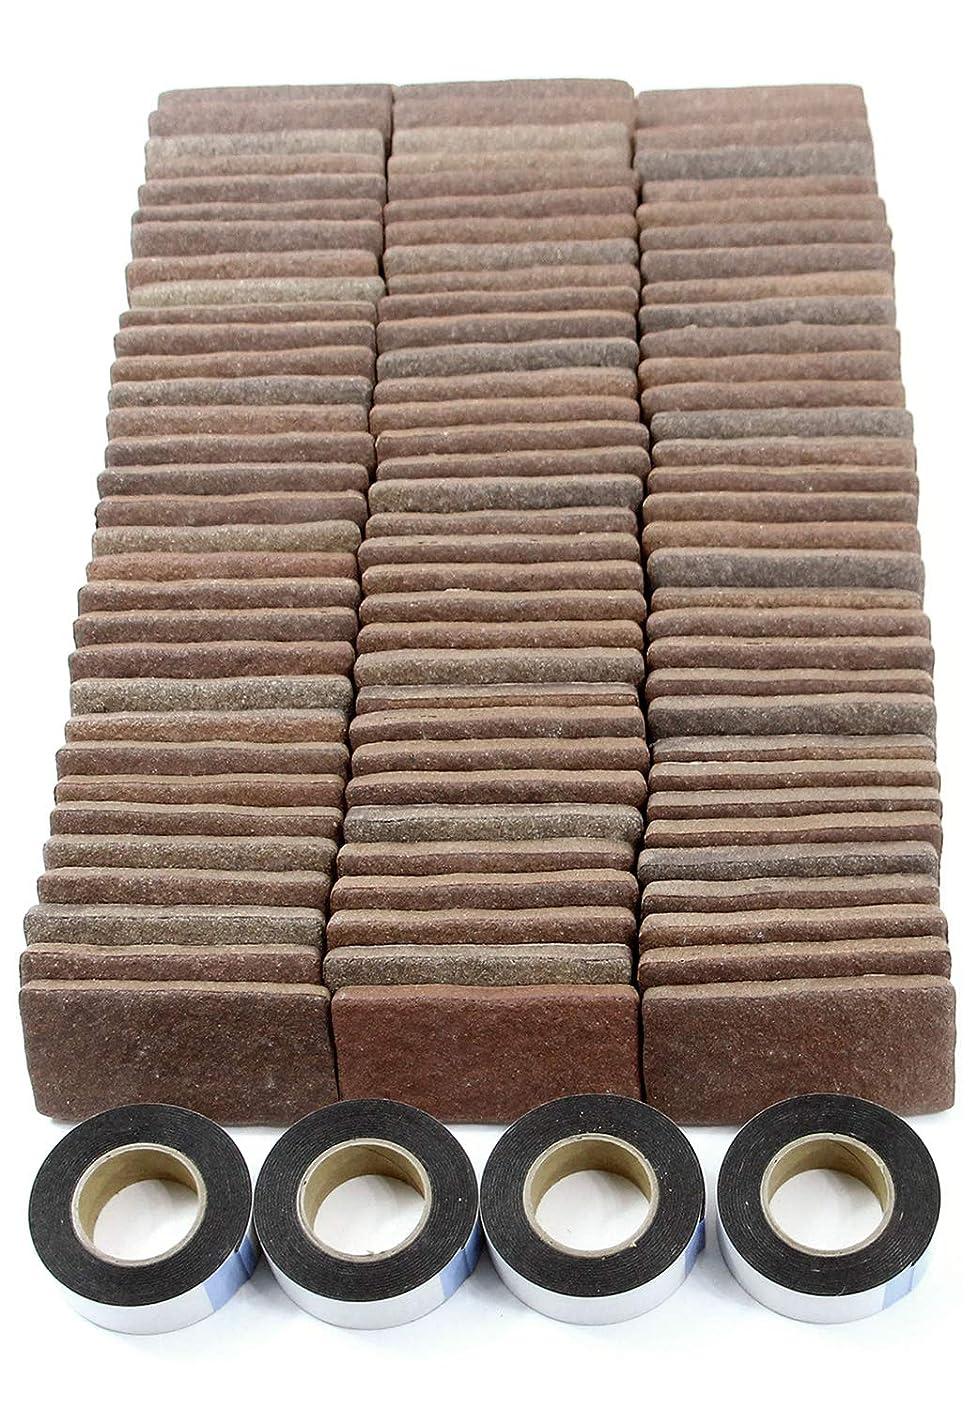 自由クロニクルヒロイックMB-3ダークブラウン 軽量レンガかるかるブリック Sサイズ(ミニサイズ) 100枚入 屋内用両面テープ付